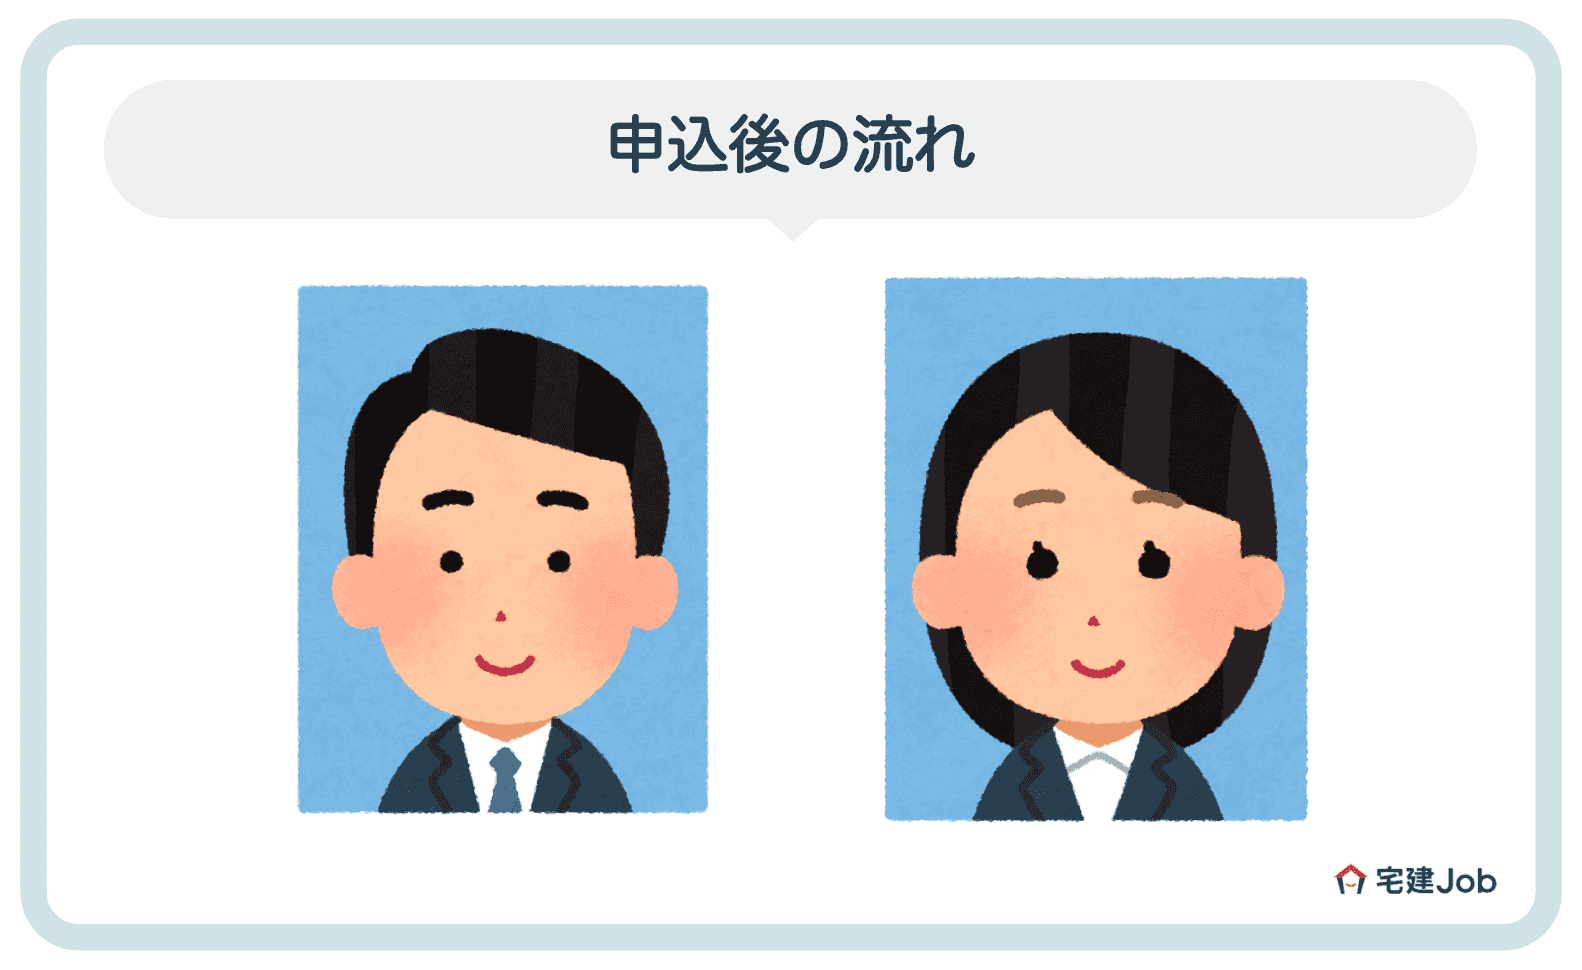 3.申込後の流れ【不動産キャリアパーソン】